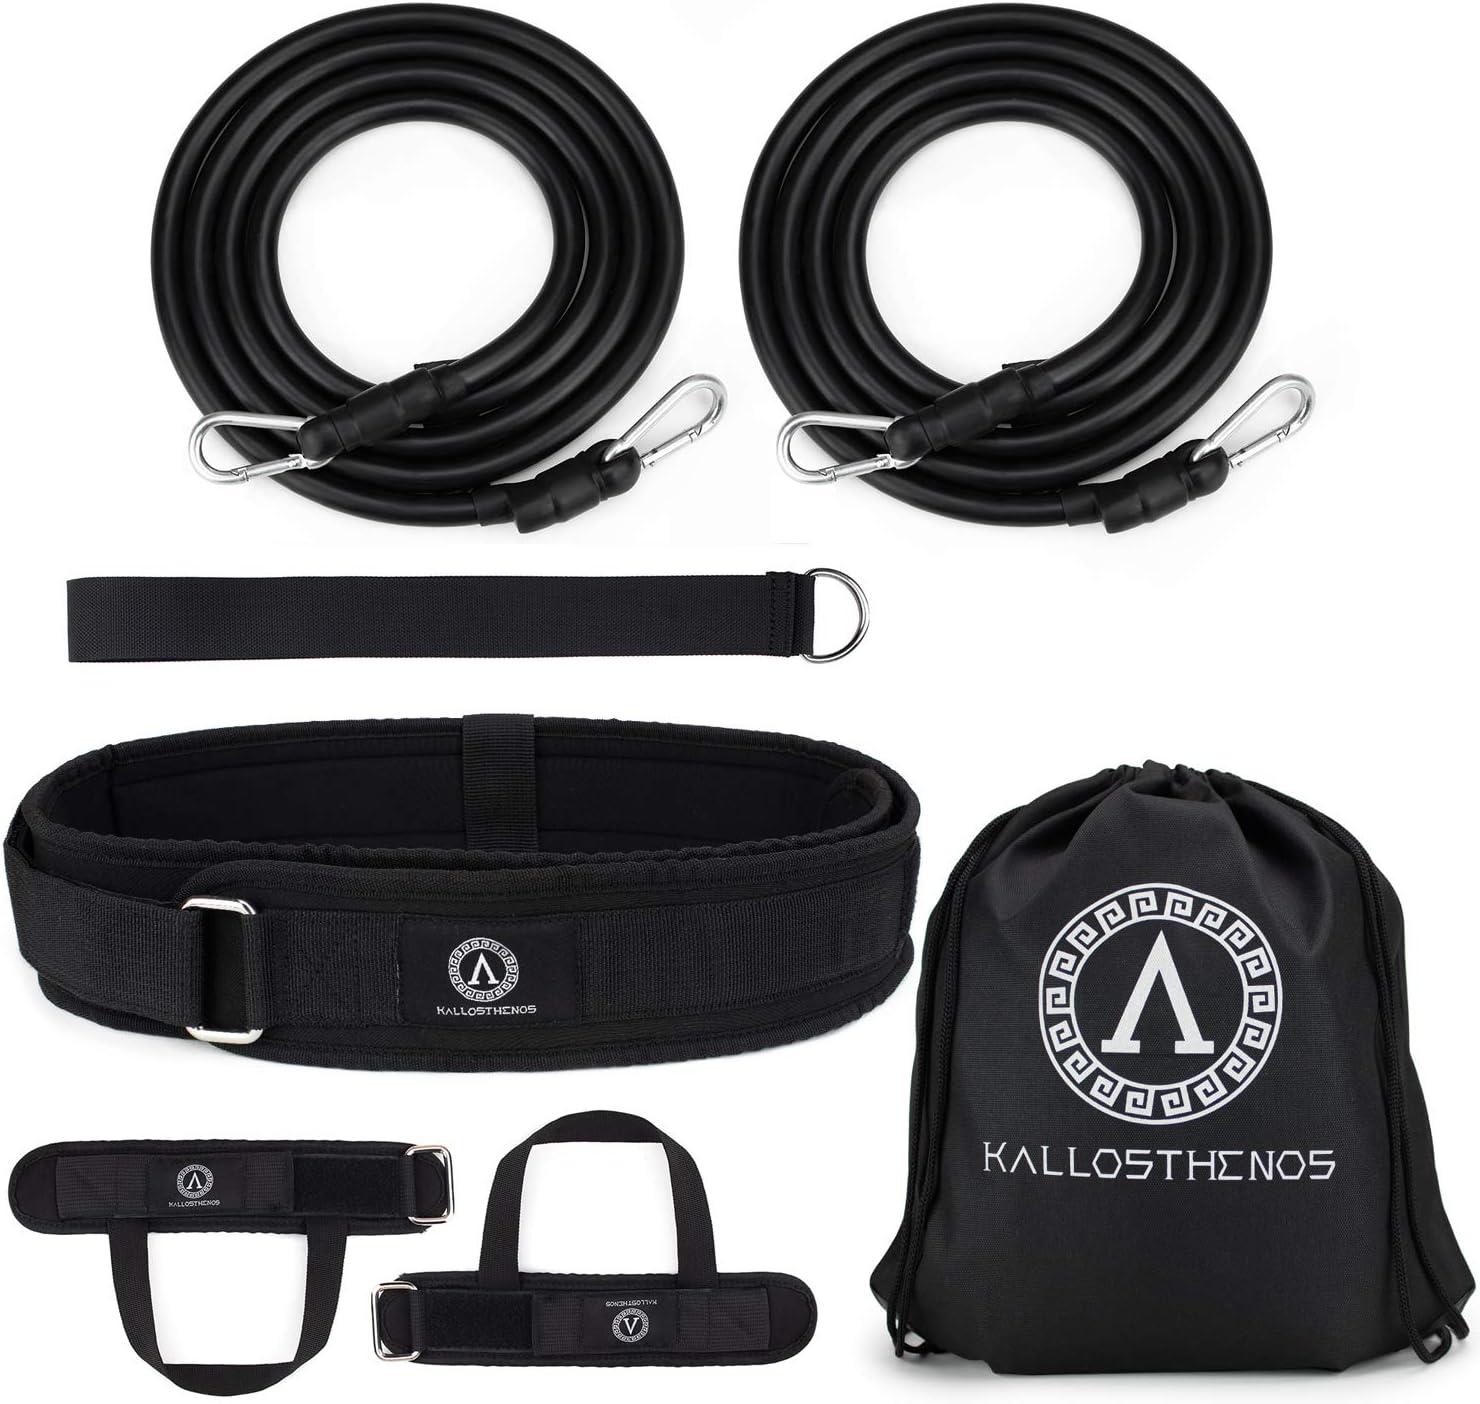 Kallosthenos™ Cinturón de Natación para Piscina + Con Elástico de Resistencia para Nado Estacionario – Adultos y Niños – Kit Completo con Ajuste para Cintura y para Tobillos